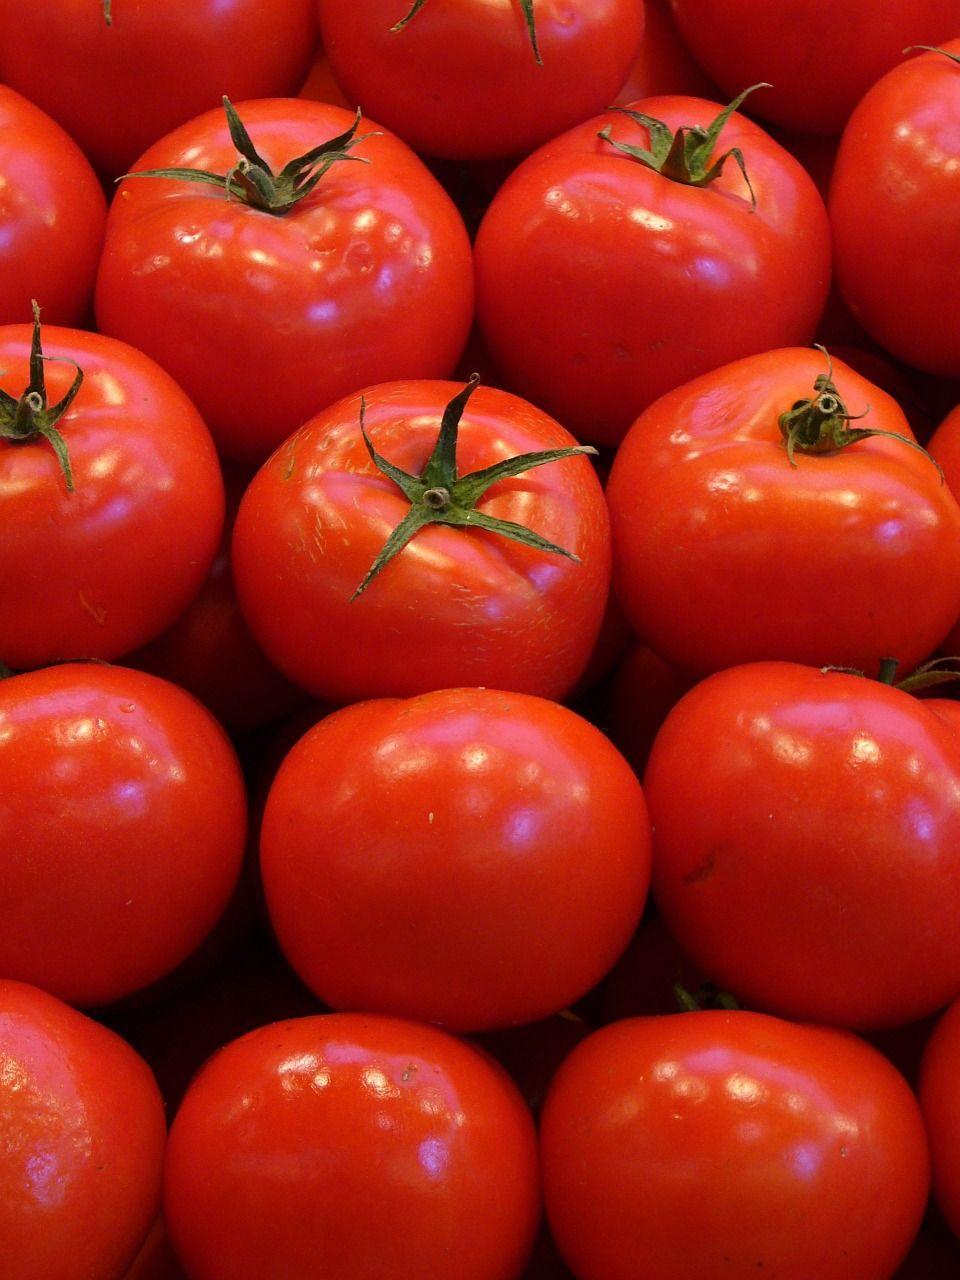 Receta Ensalada De Tomate Y Queso Fresco Al Cilantro Recetas  ~ Recetas Faciles Y Bajas En Calorias